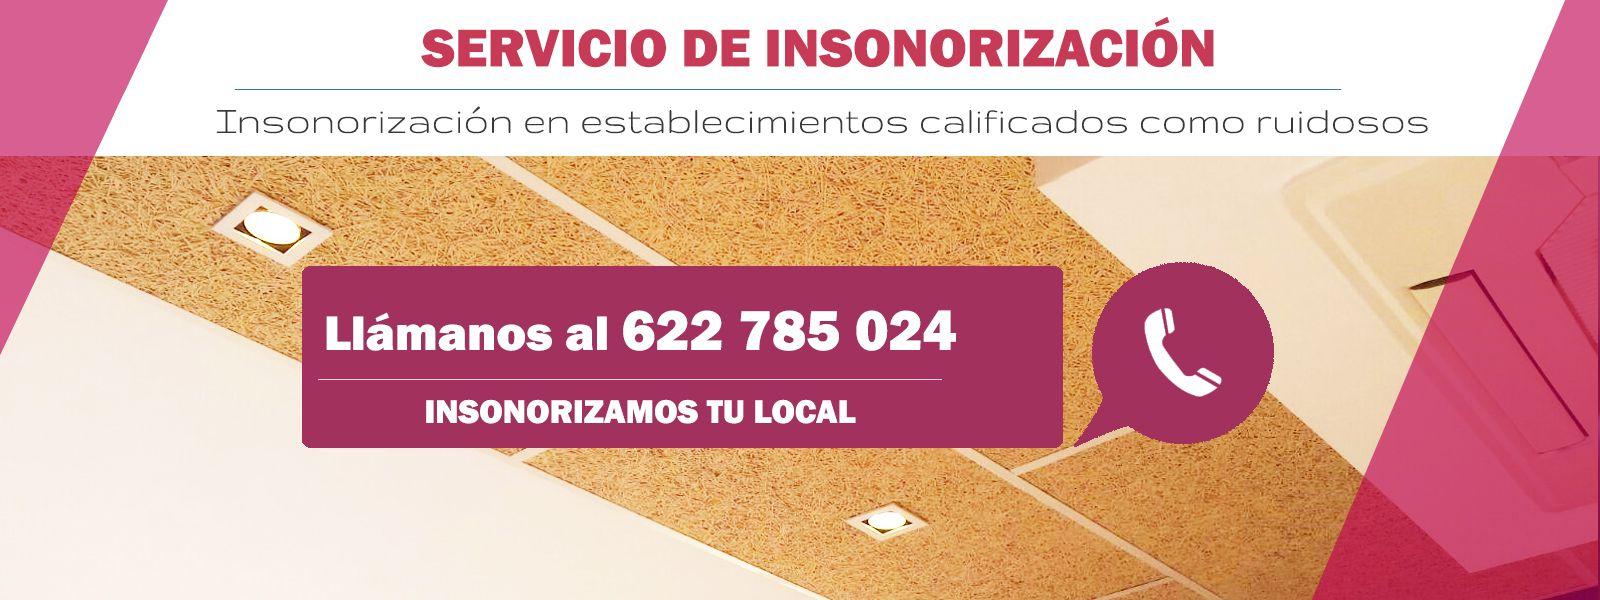 Insonorización de locales en Sevilla